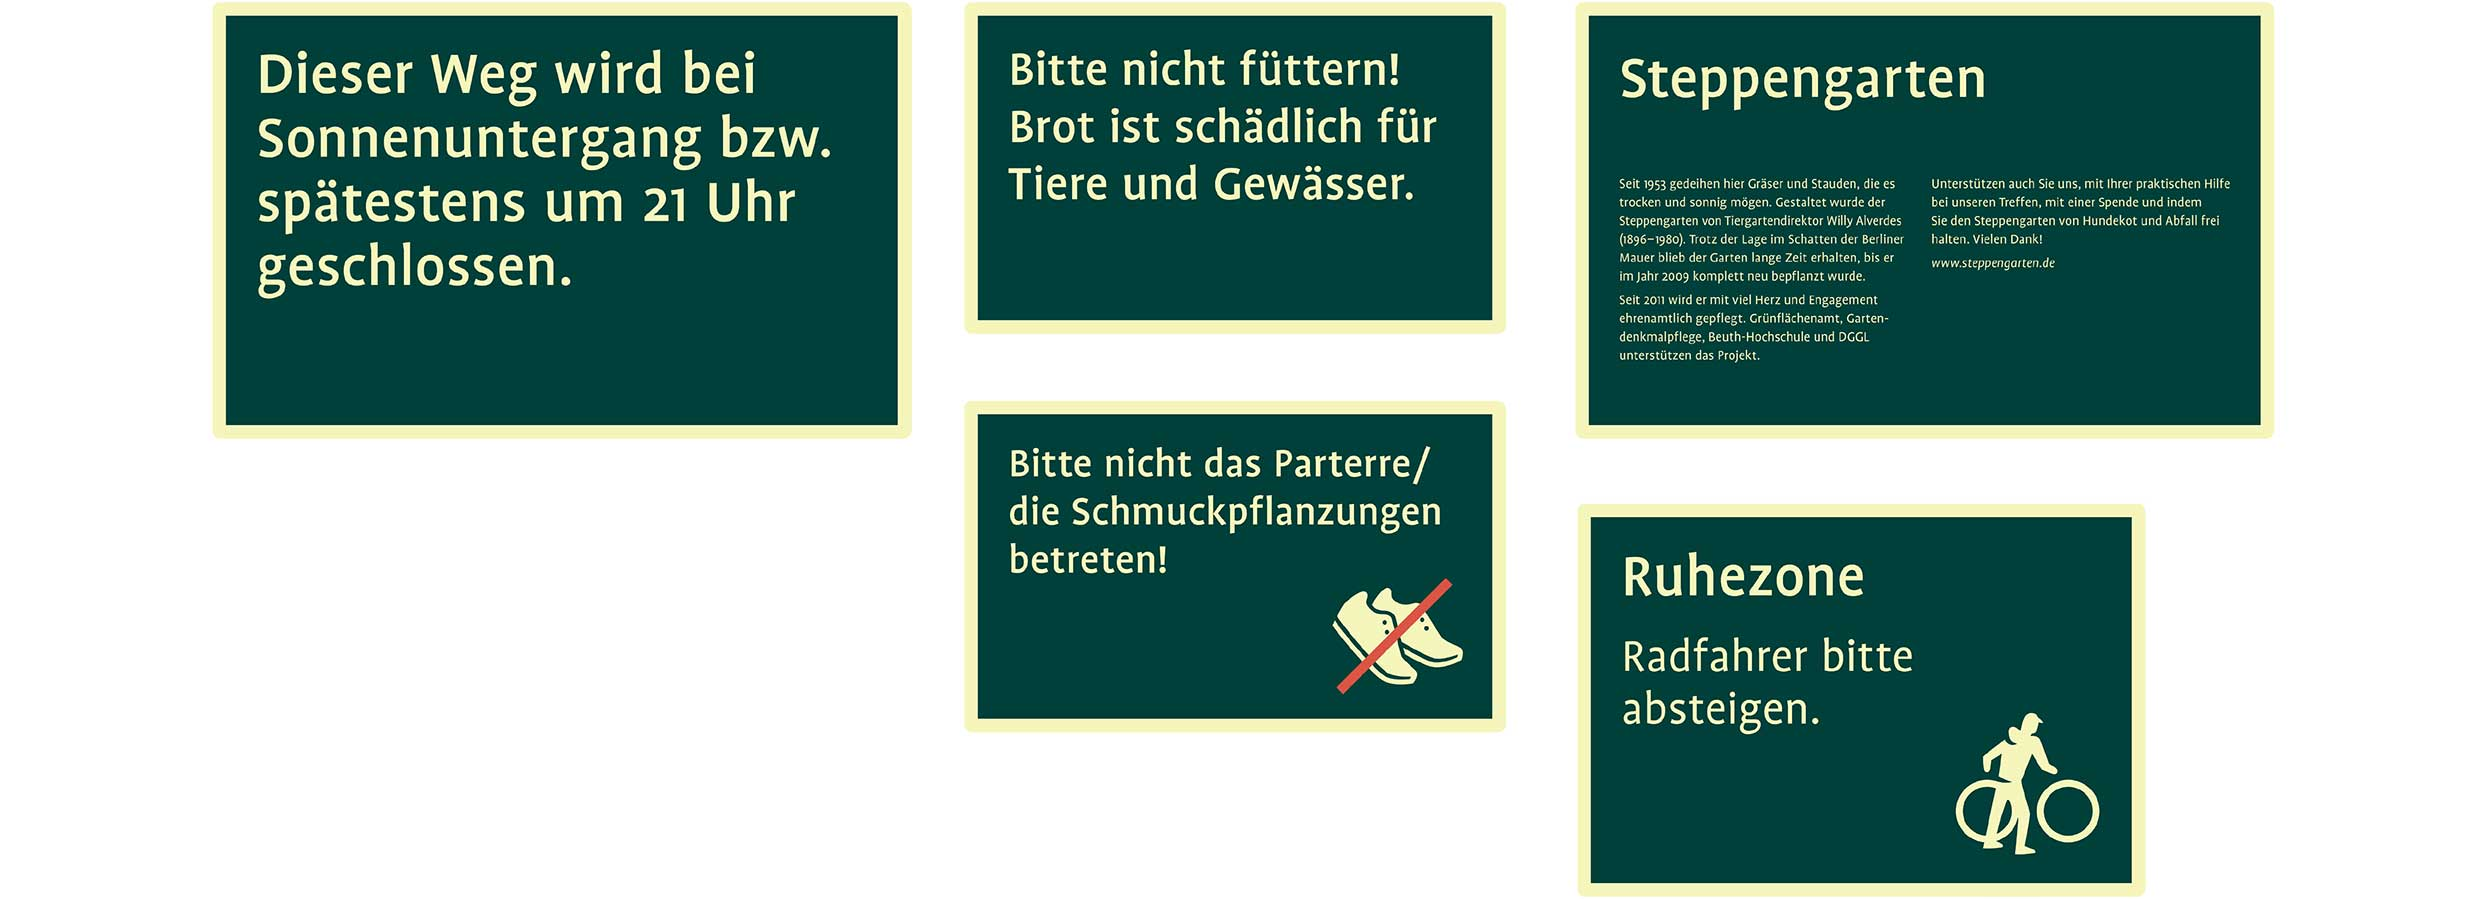 minigram_grosser_tiergarten_4